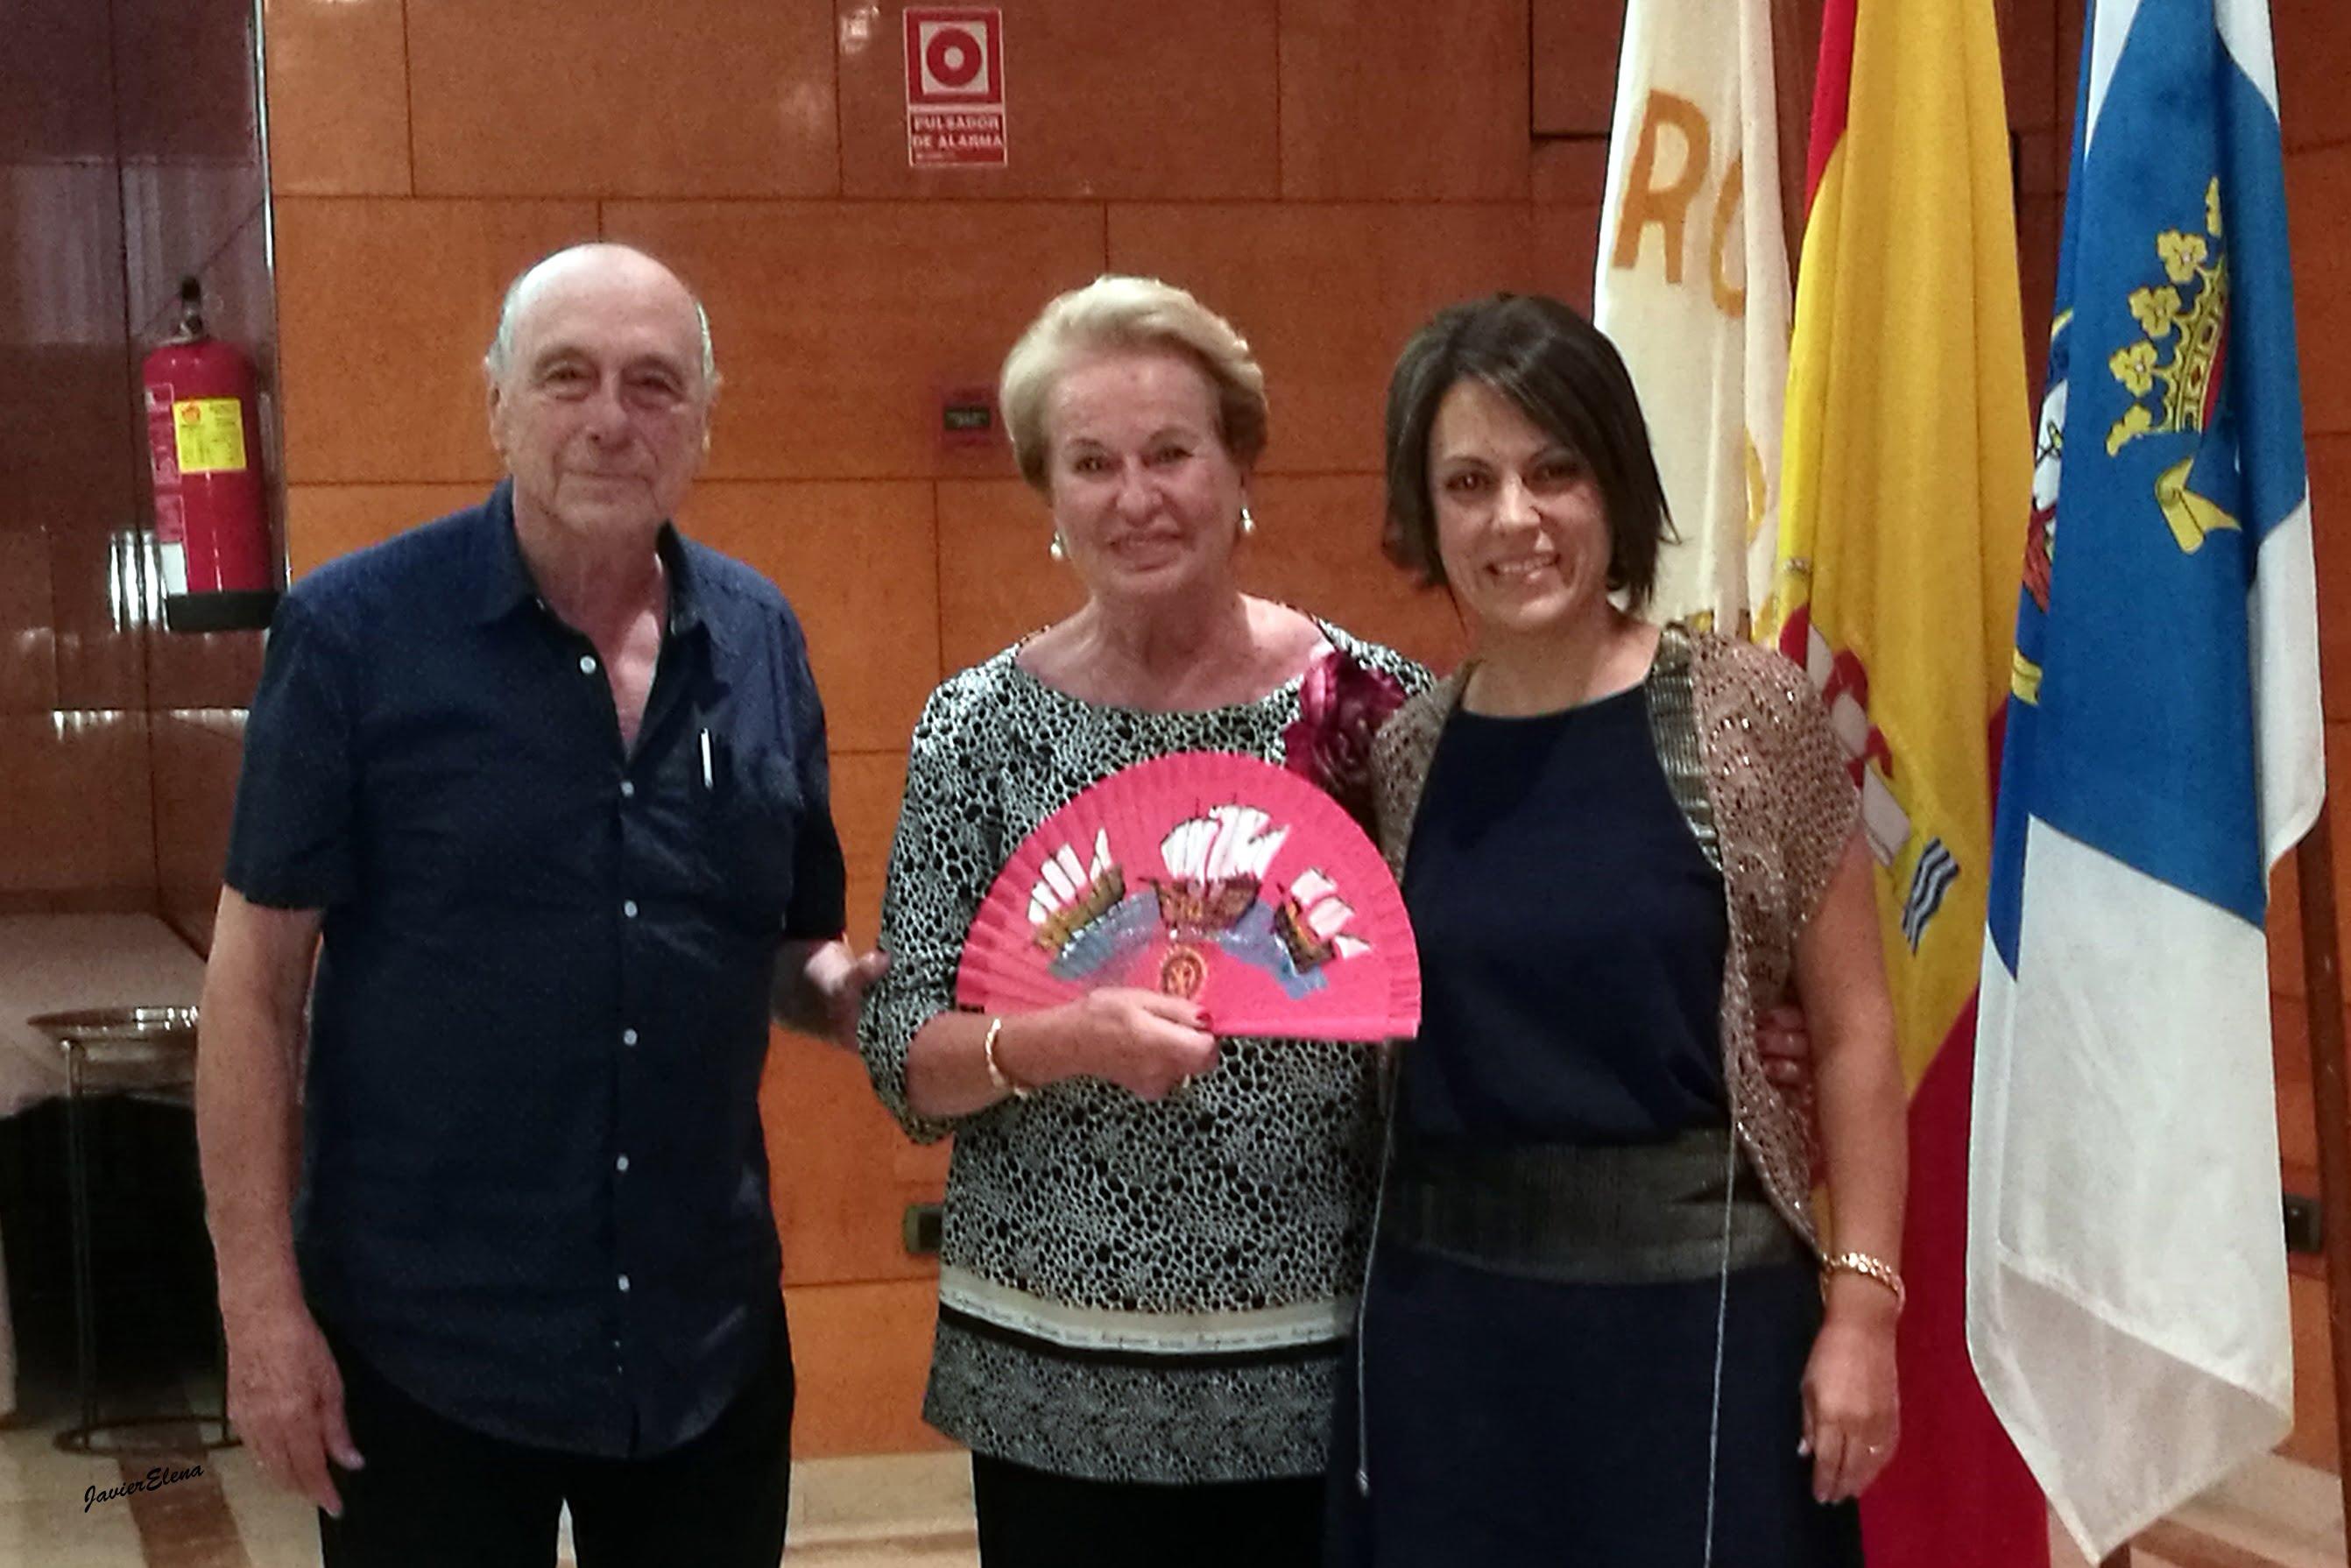 Pilar Álvarez, esposa de José Luis García Palacios, recibió del Rotary Club de Huelva un abanico pintado a mano por Alfonso Aramburu.